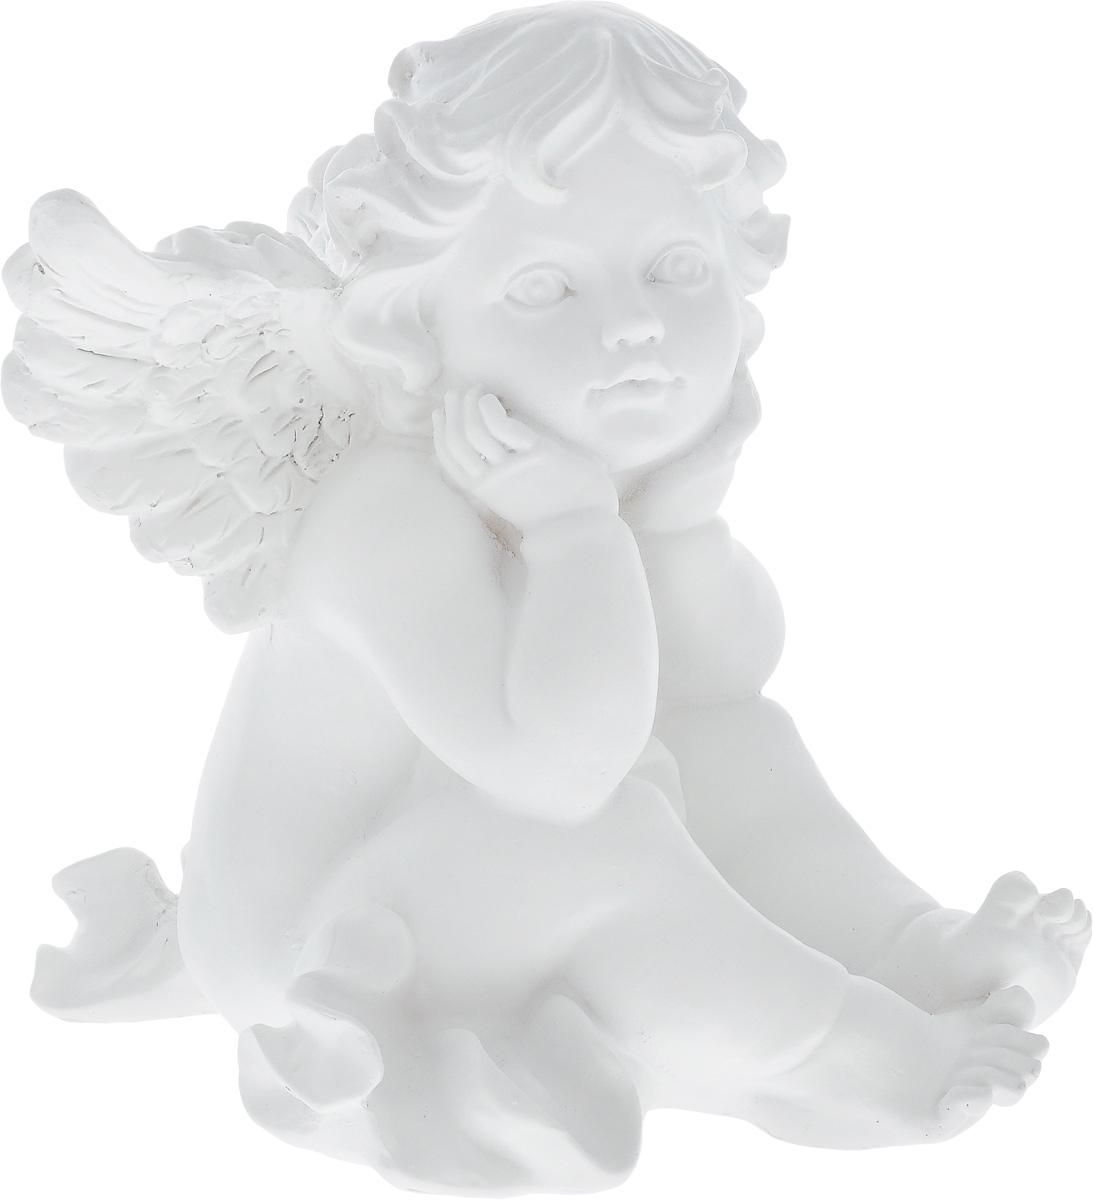 Фигурка декоративная Феникс-Презент Грезы ангела, высота 19,5 см40680Фигурка декоративная Феникс-Презент Грезы ангела, выполненная из полирезина, станет оригинальным подарком для всех любителей необычных вещей. Изделие имеет приятный дизайн. Изысканный сувенир станет прекрасным дополнением к интерьеру. Вы можете поставить фигурку в любом месте, где она будет удачно смотреться и радовать глаз.